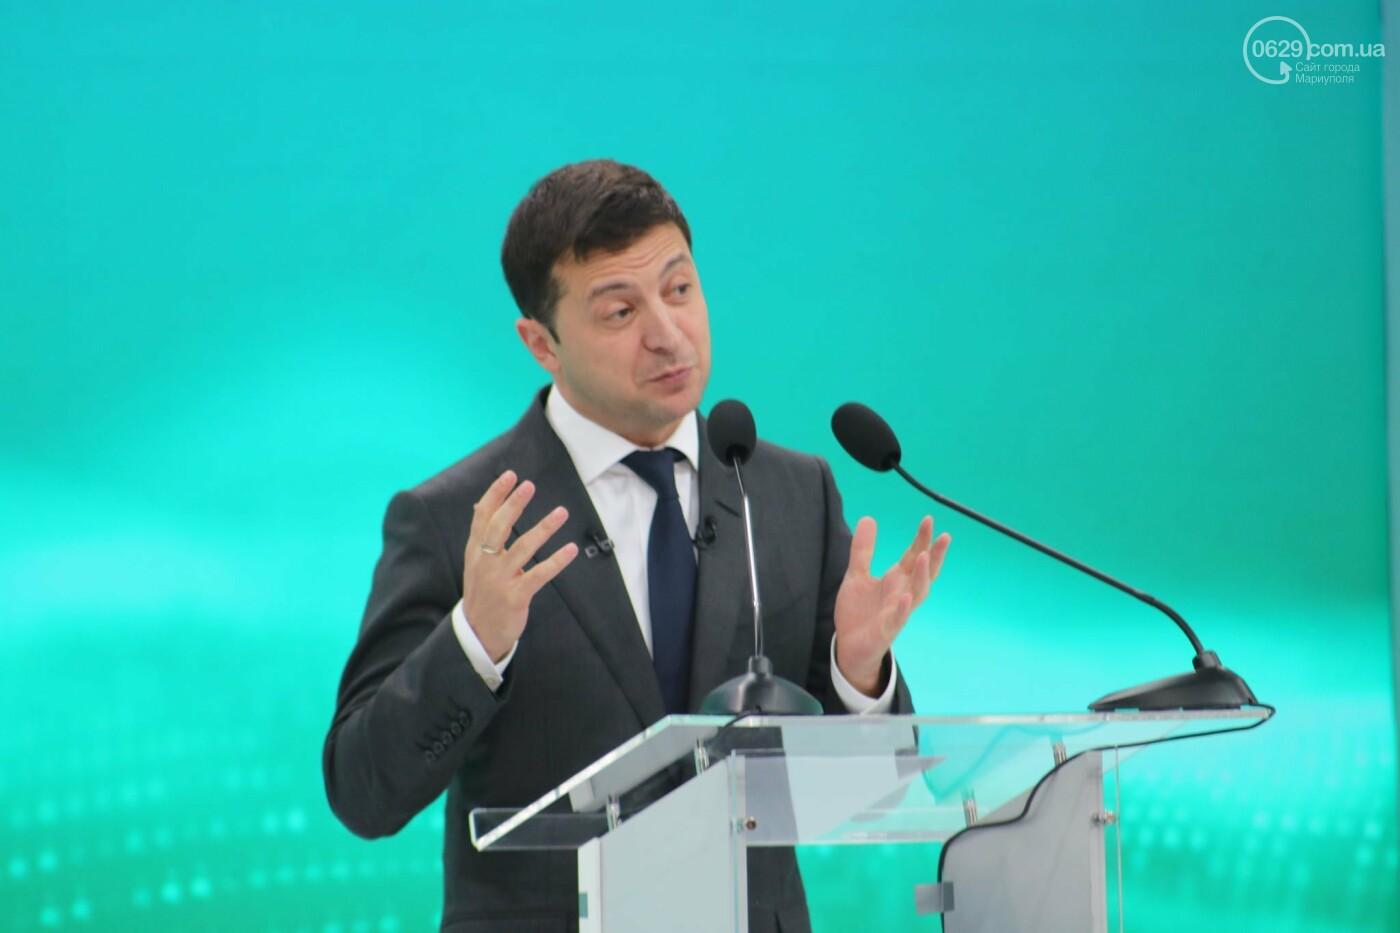 Зеленский прошел на форум в Мариуполе через черный ход и выступил на ZEstage - ФОТО, фото-1